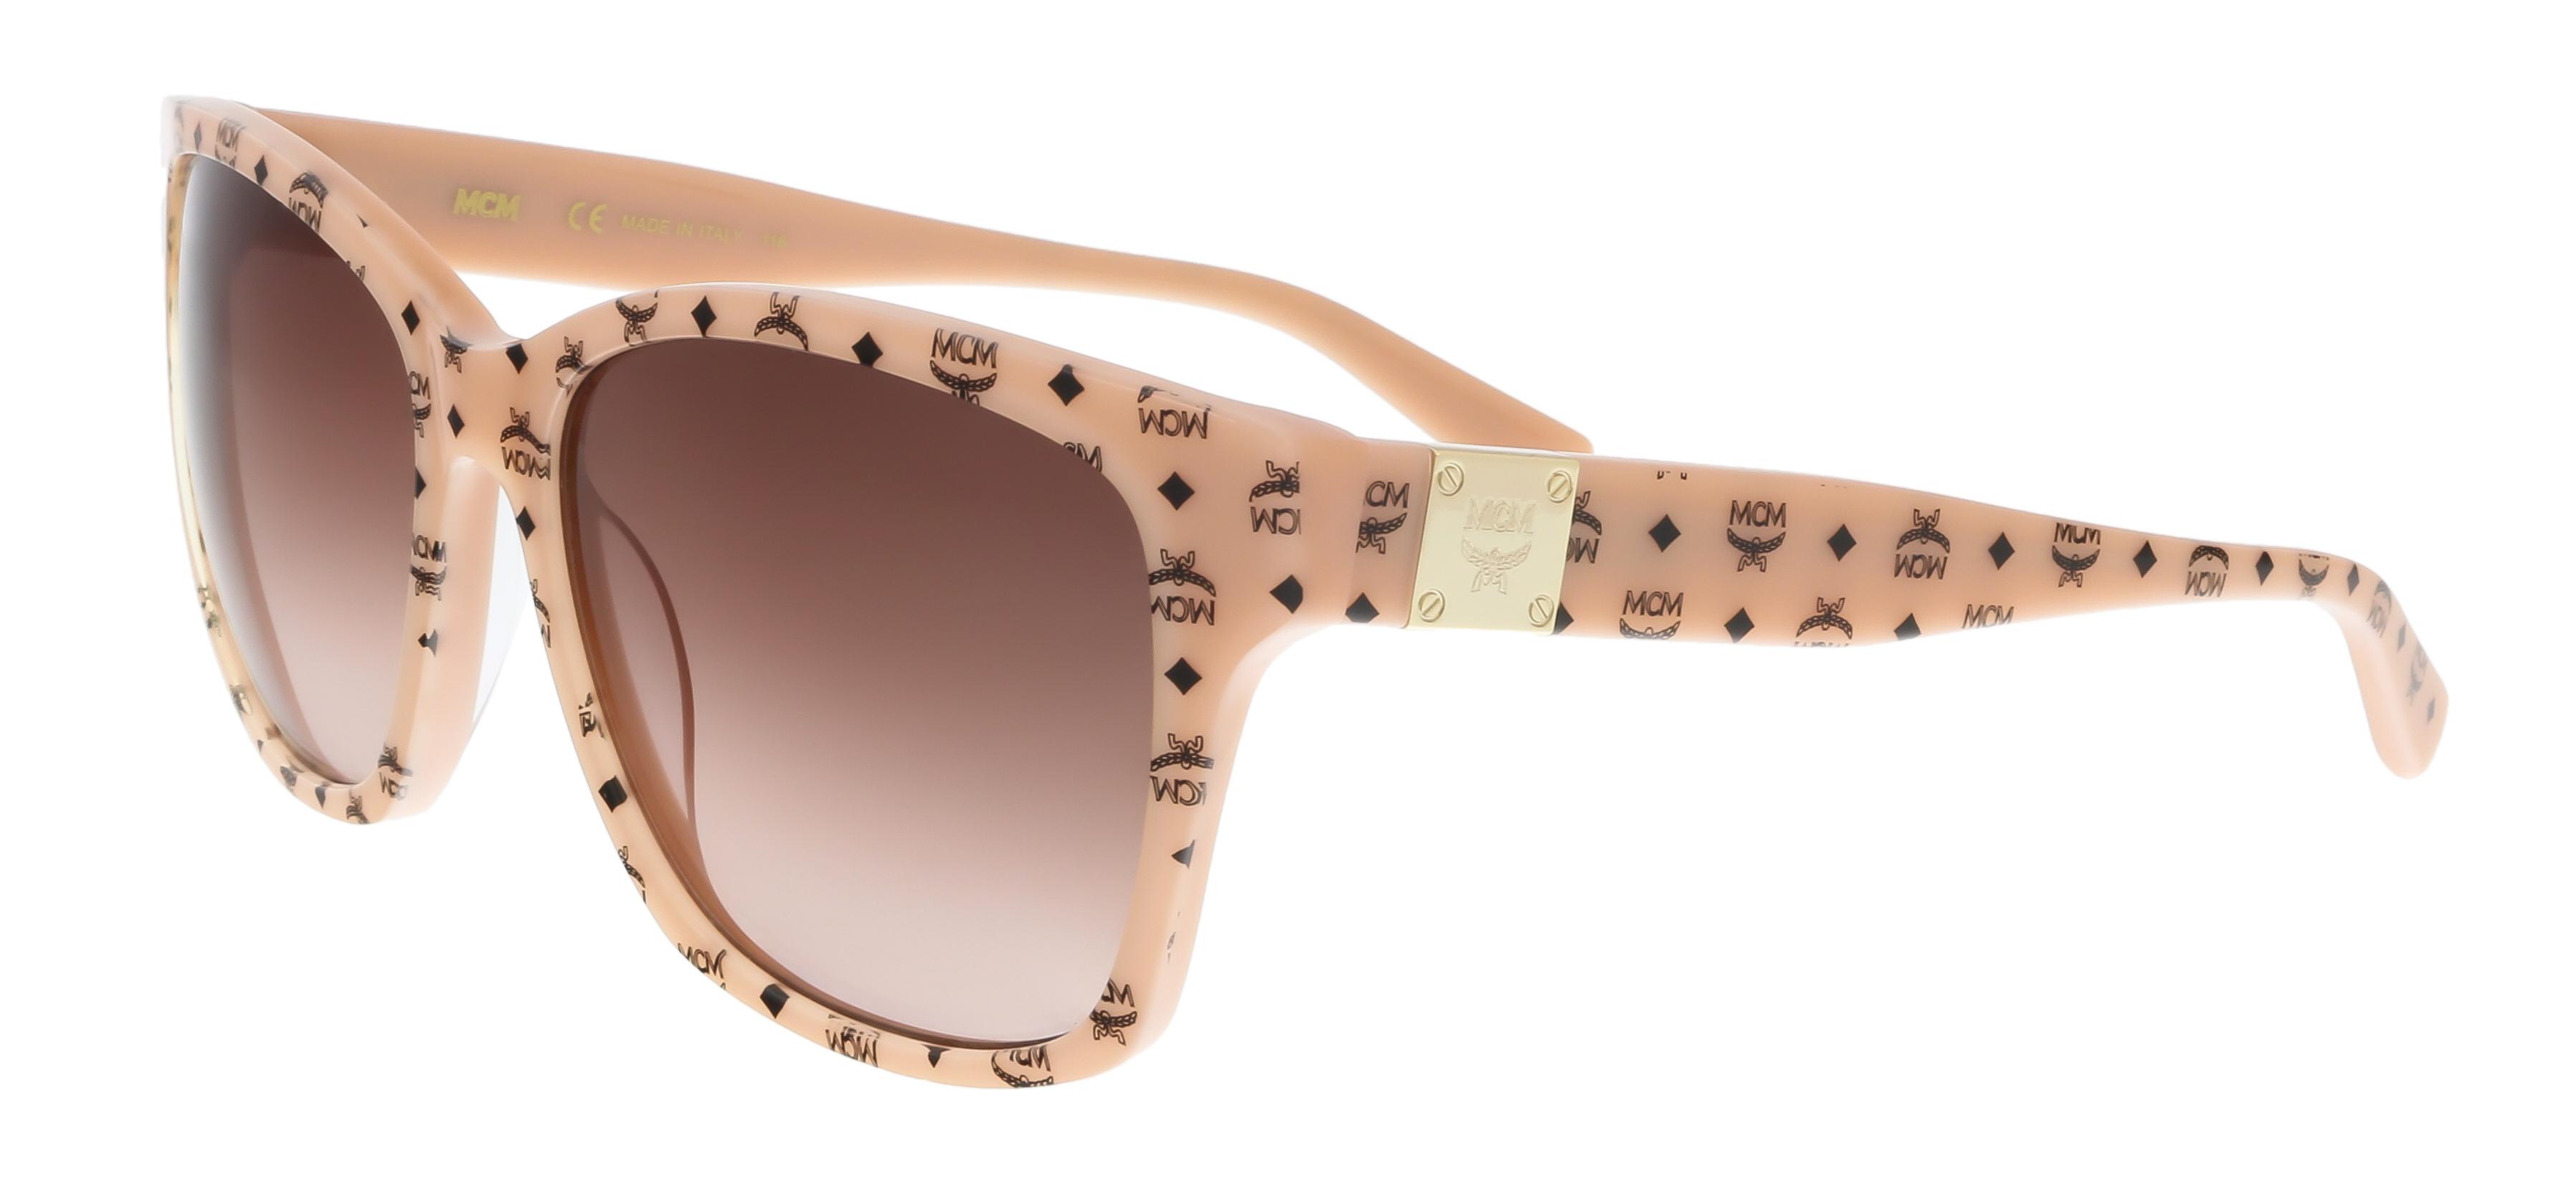 MCM600S 291 Nude Visettos Wayfarer Feline Sunglasses